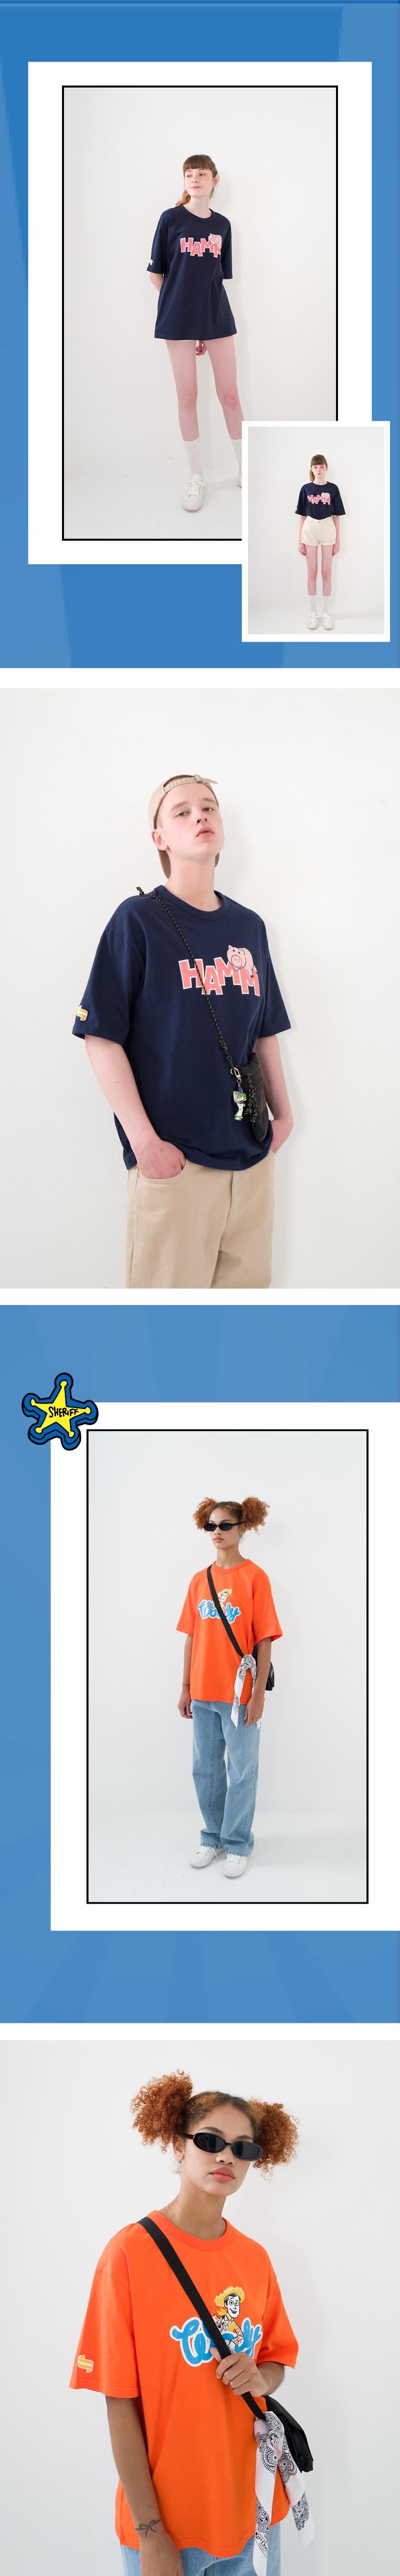 메인부스(MAINBOOTH) Toy Story T-shirt(NAVY)